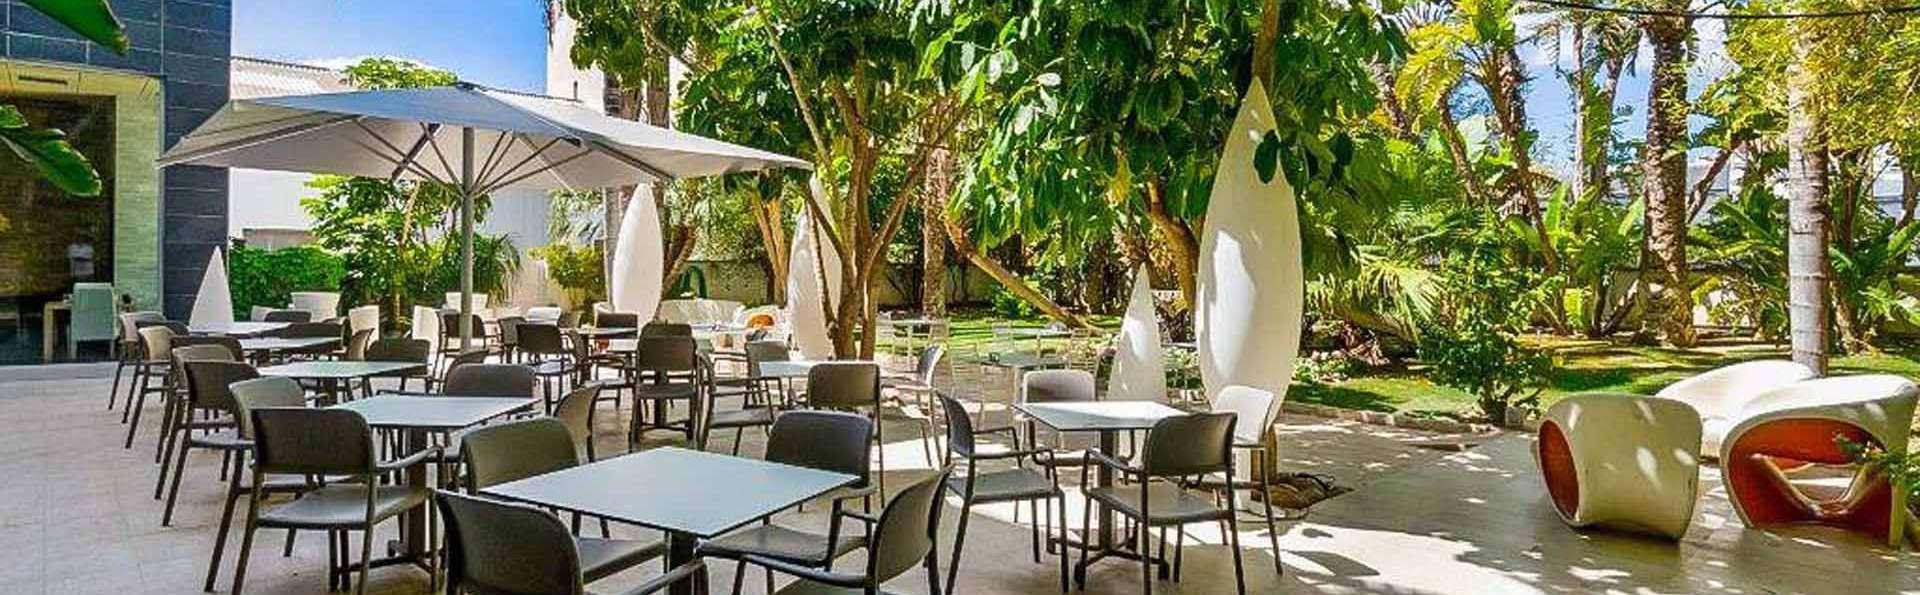 Oferta romántica: Escapada 4* con cena, acceso a la zona relax y ambiente romántico